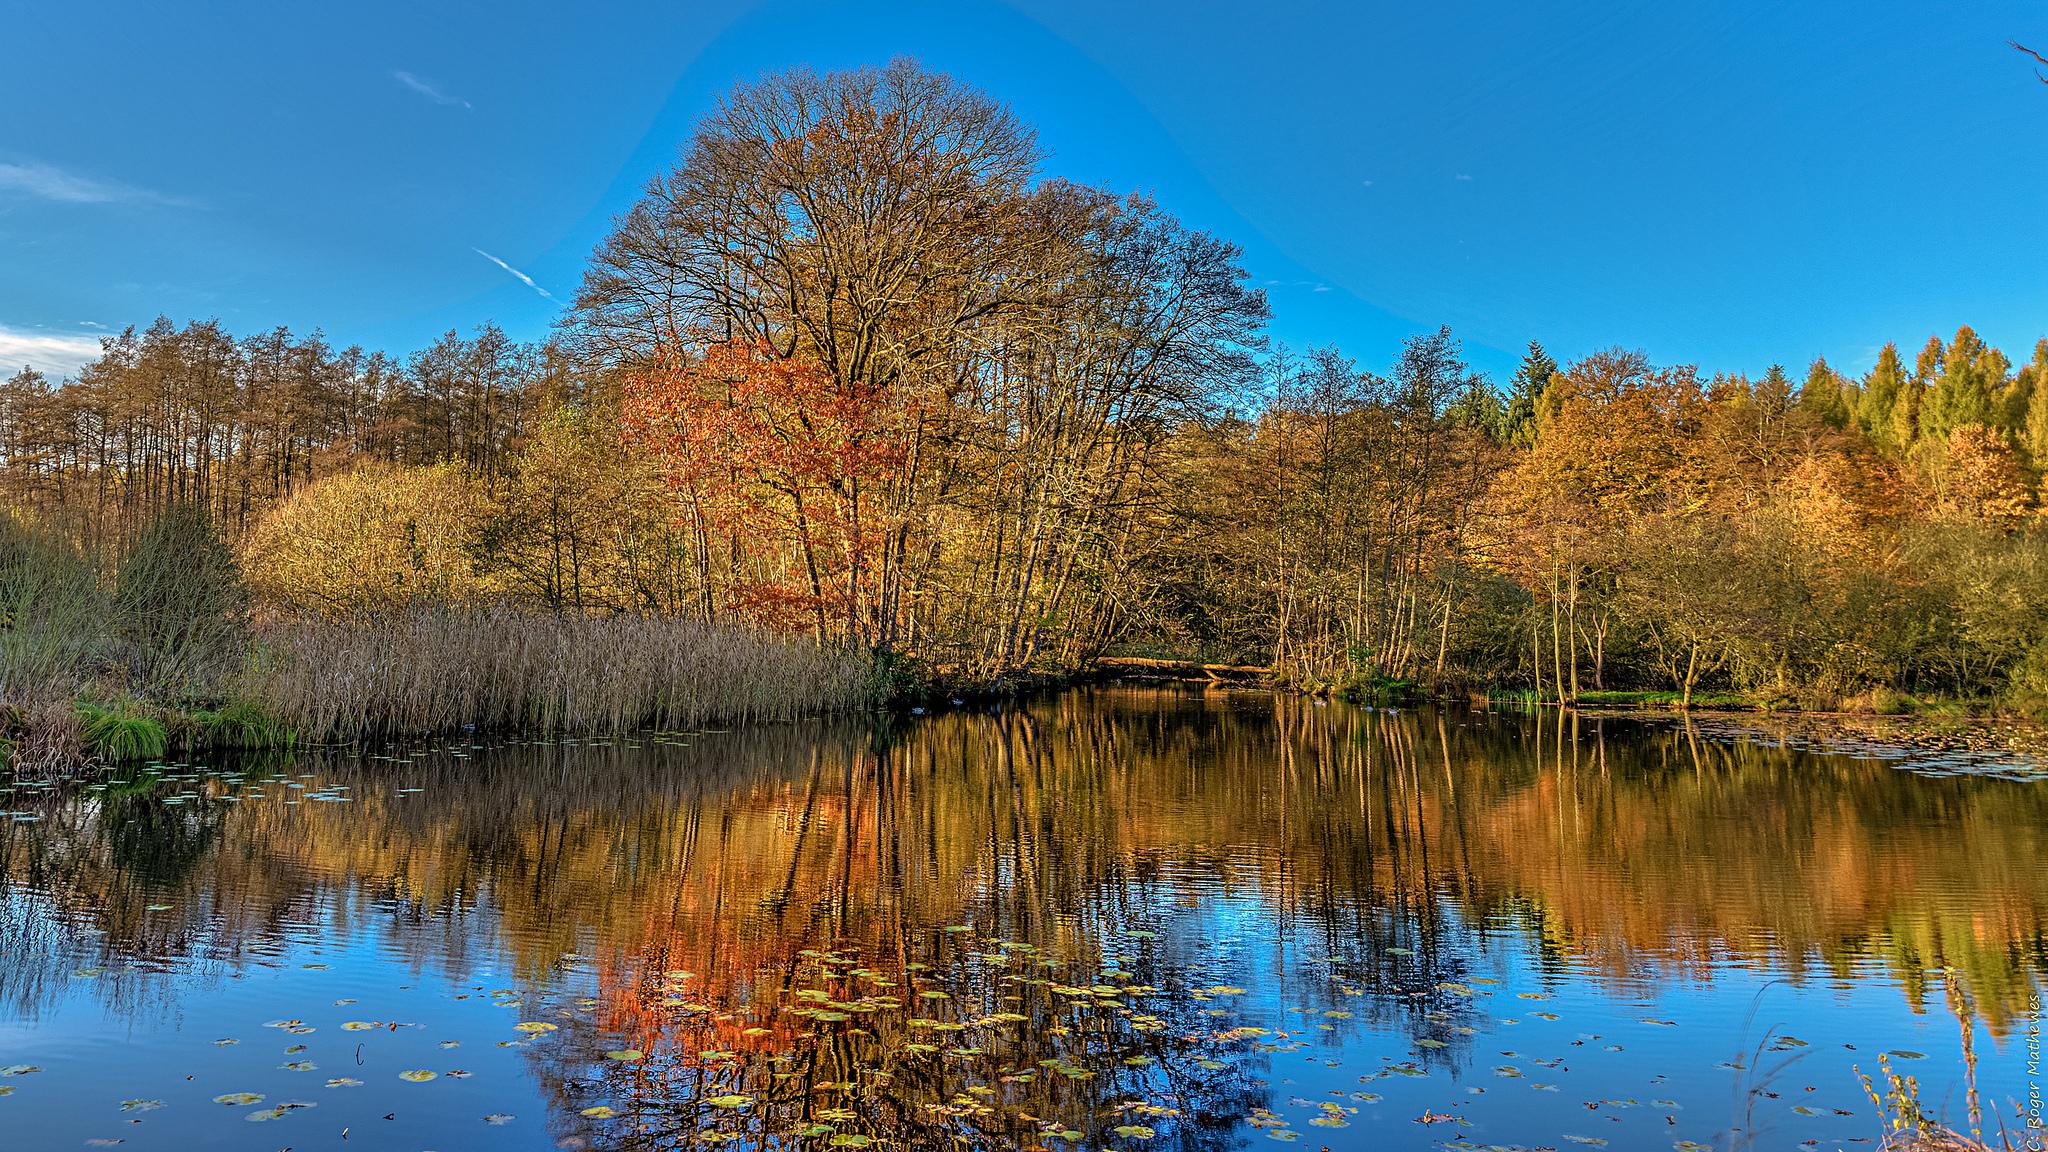 природа озеро деревья небо оссень  № 2535965 бесплатно